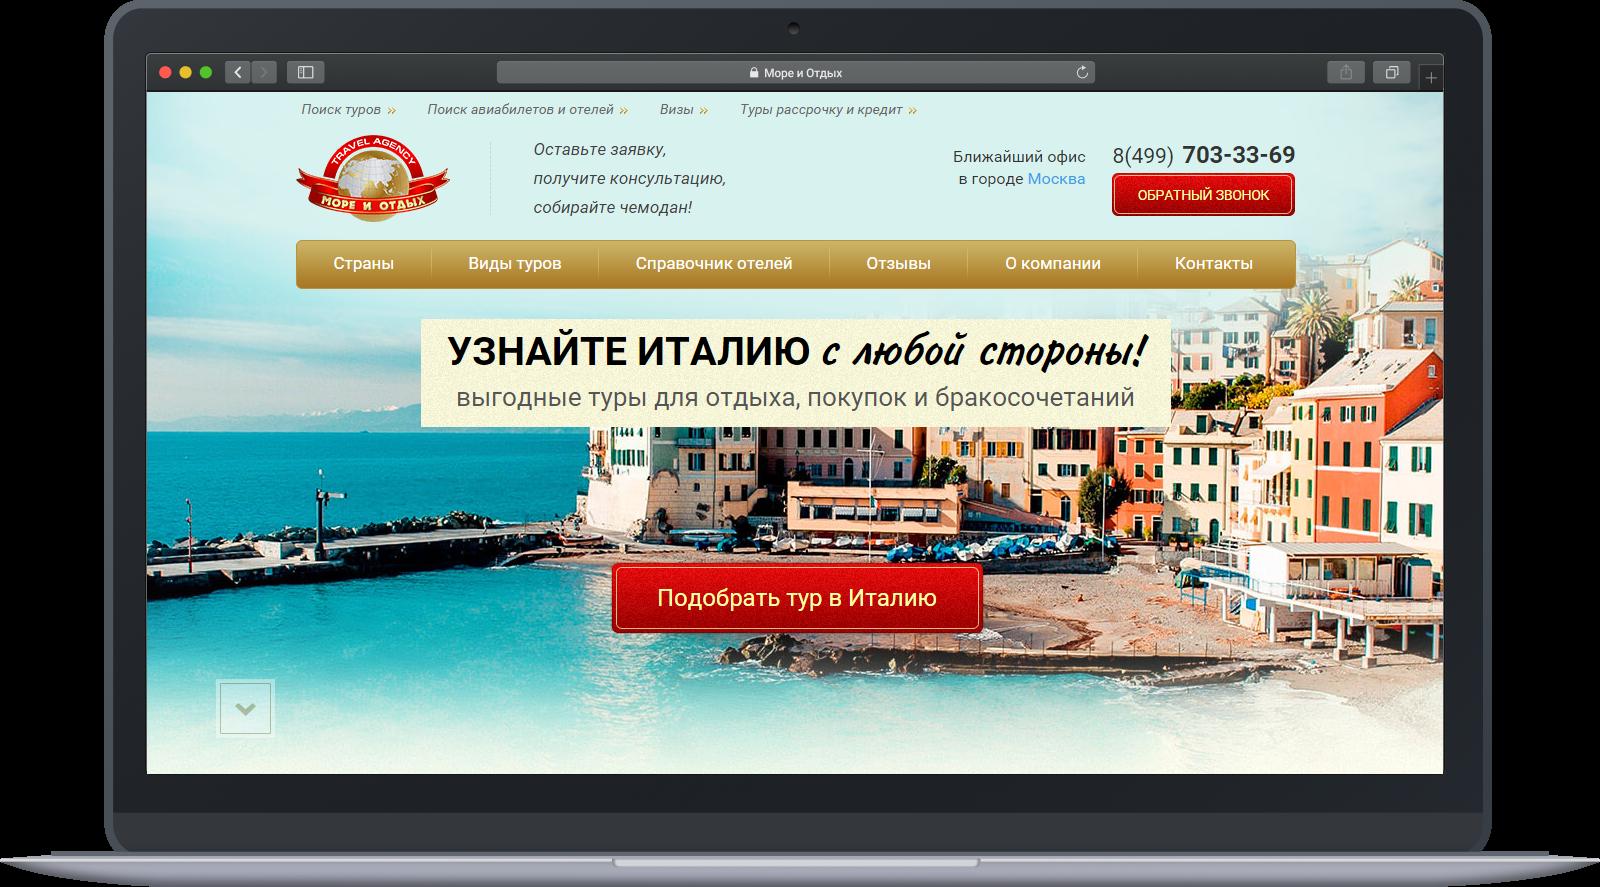 Портфолио: Разработка лендинга ТА «Море и отдых» для туров в Италию